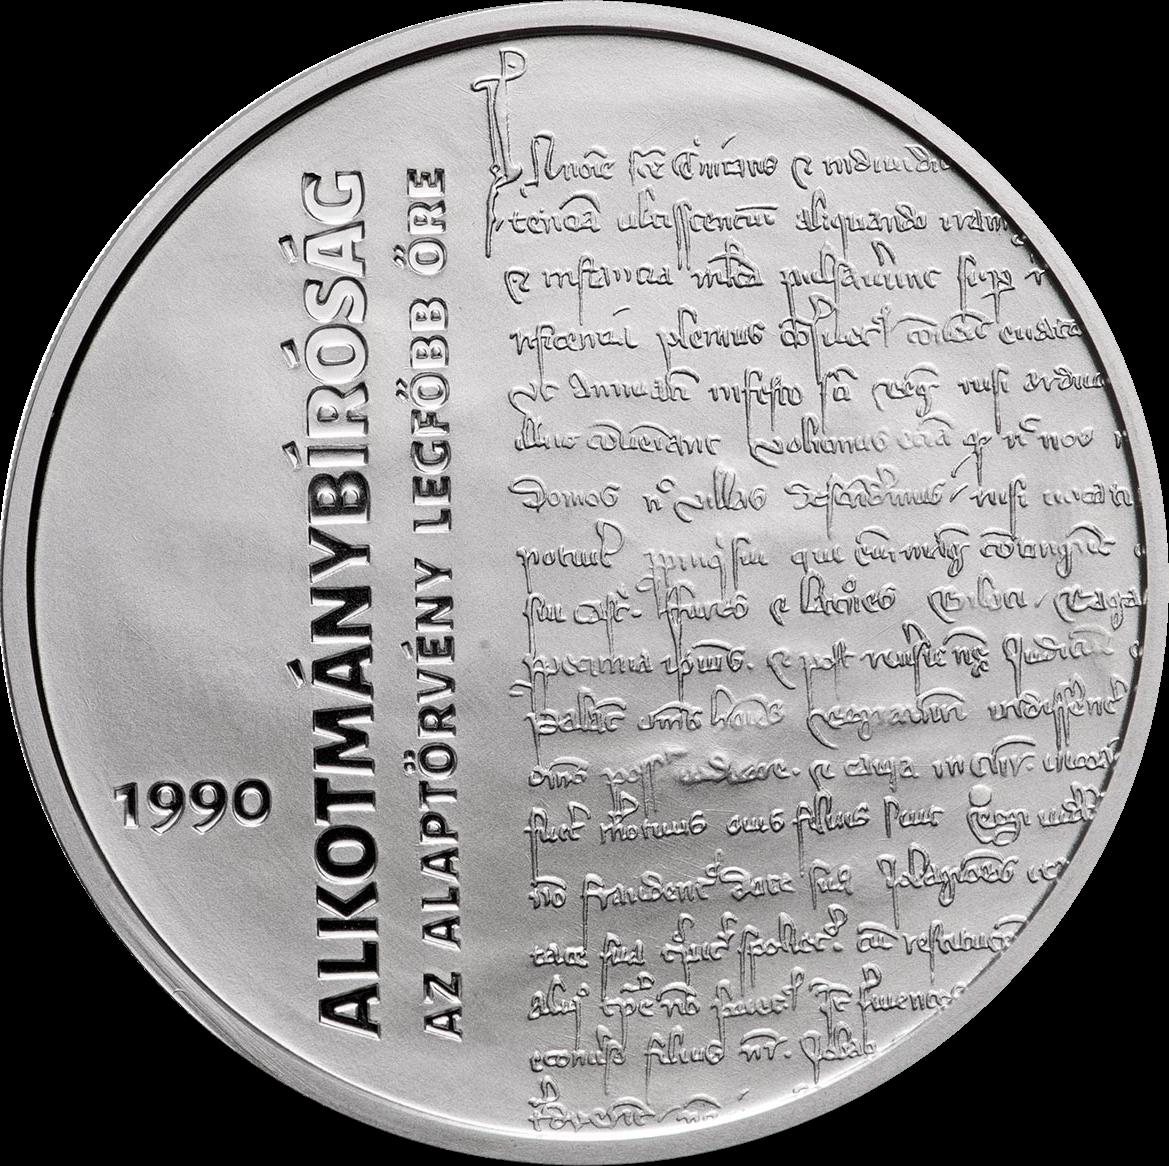 Венгрия монета 10000 форинтов 30 лет Конституционного Суда Венгрии, реверс